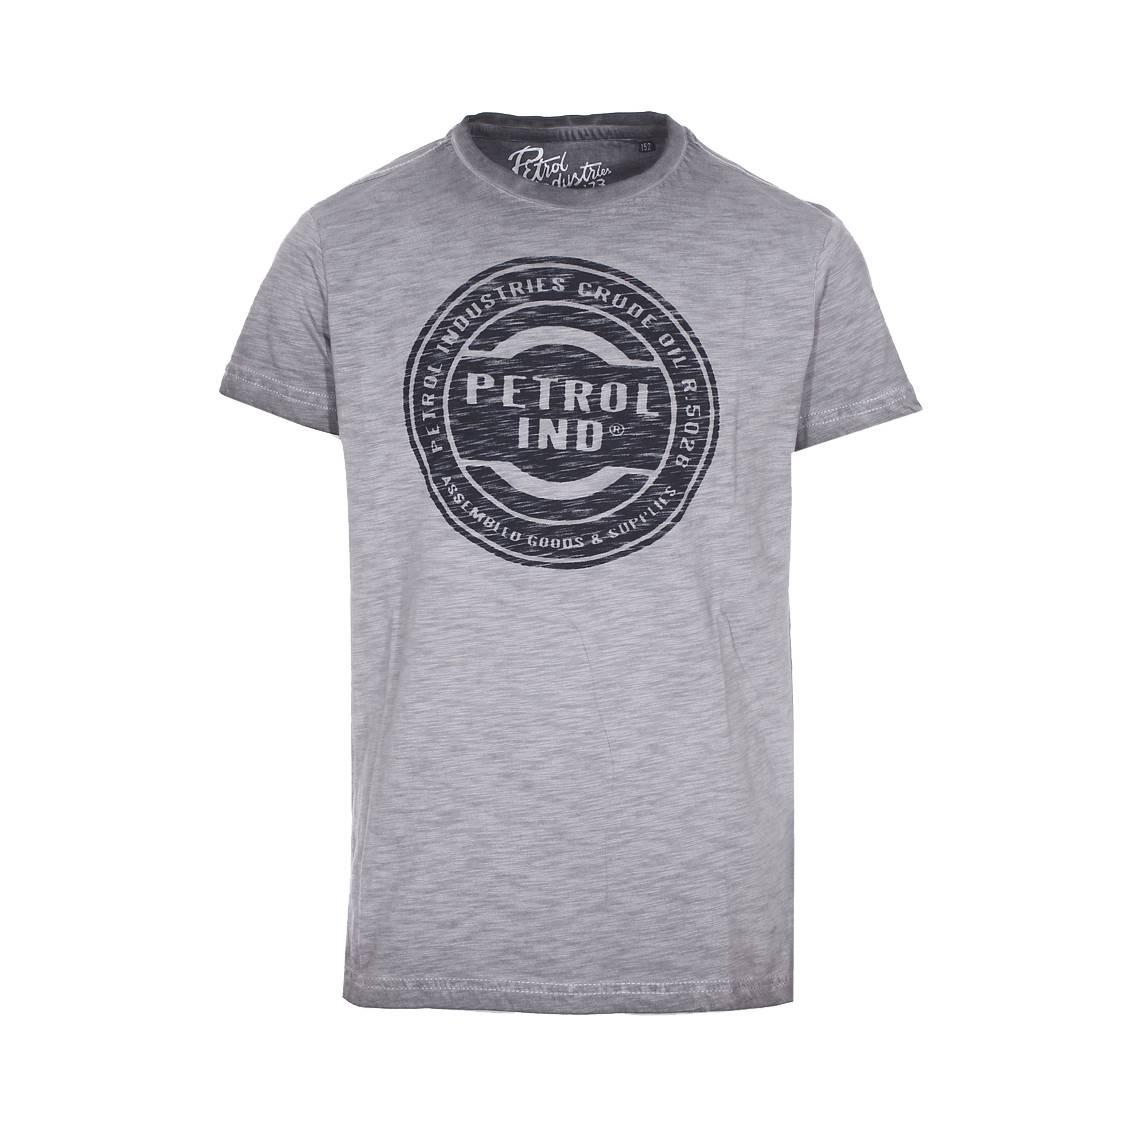 Tee-shirt col rond Petrol industries Junior en coton flammé gris floqué en noir